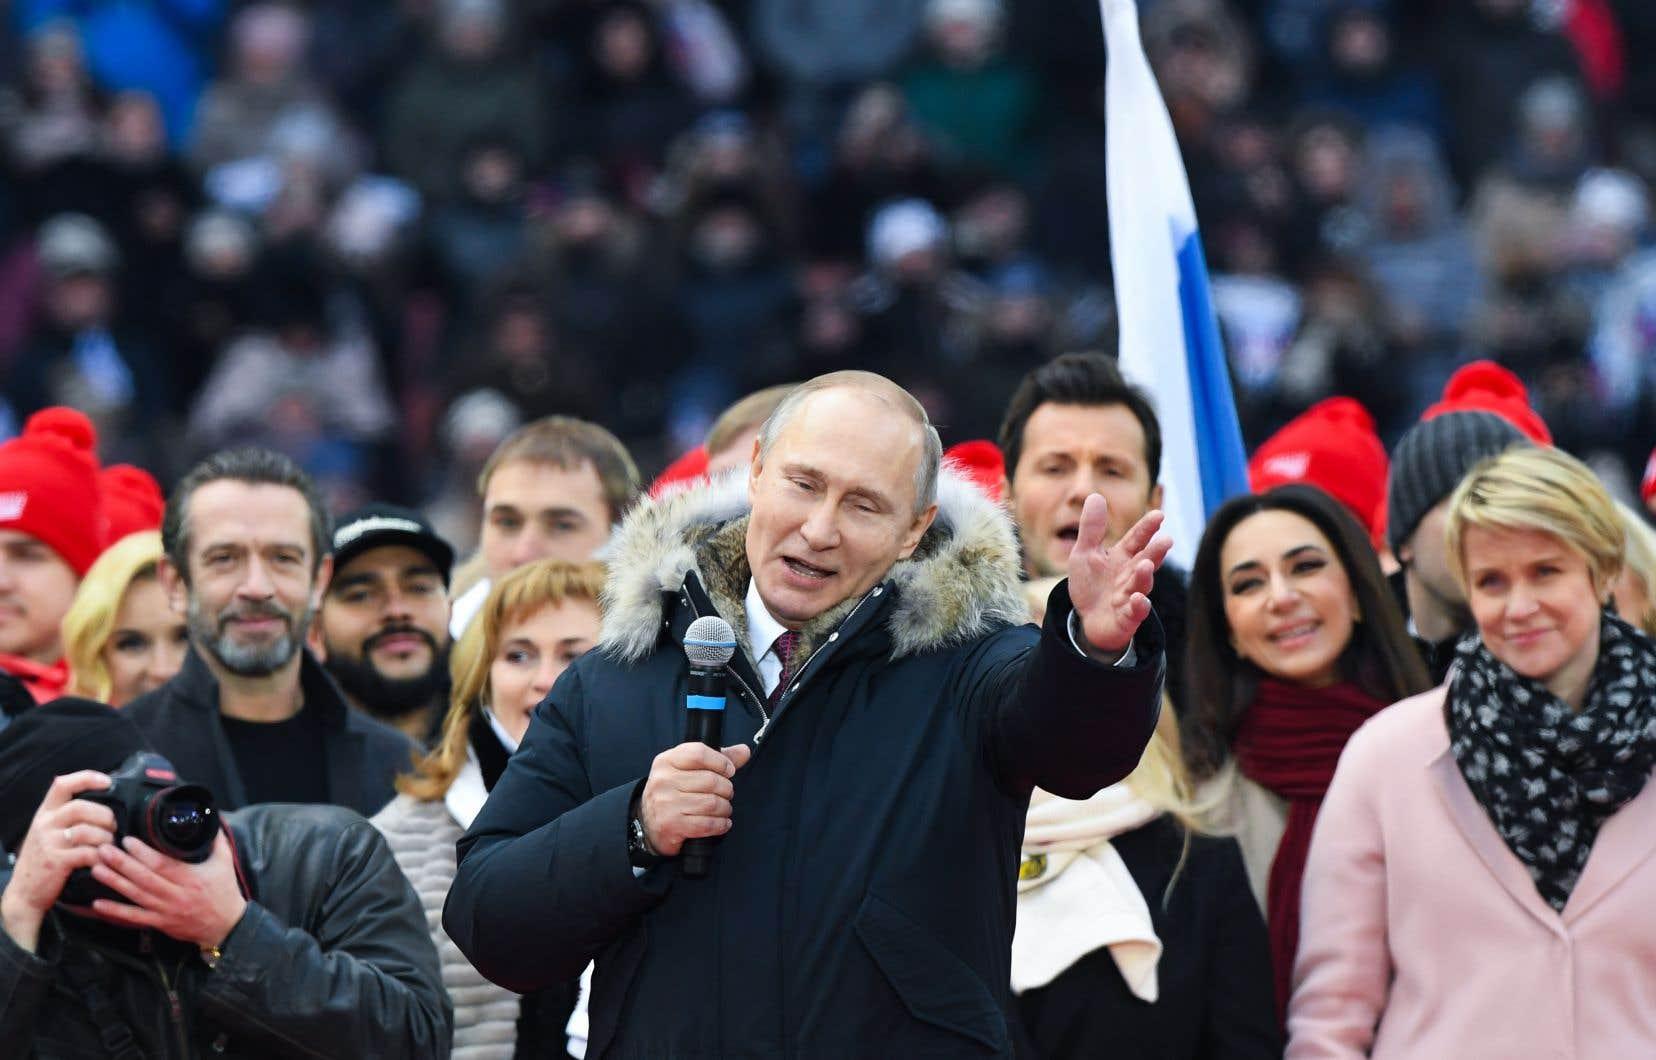 Le candidat à la présidence, le président Vladimir Poutine, prononce un discours lors d'un rassemblement pour soutenir sa candidature au stade Luzhniki de Moscou le 3 mars 2018.